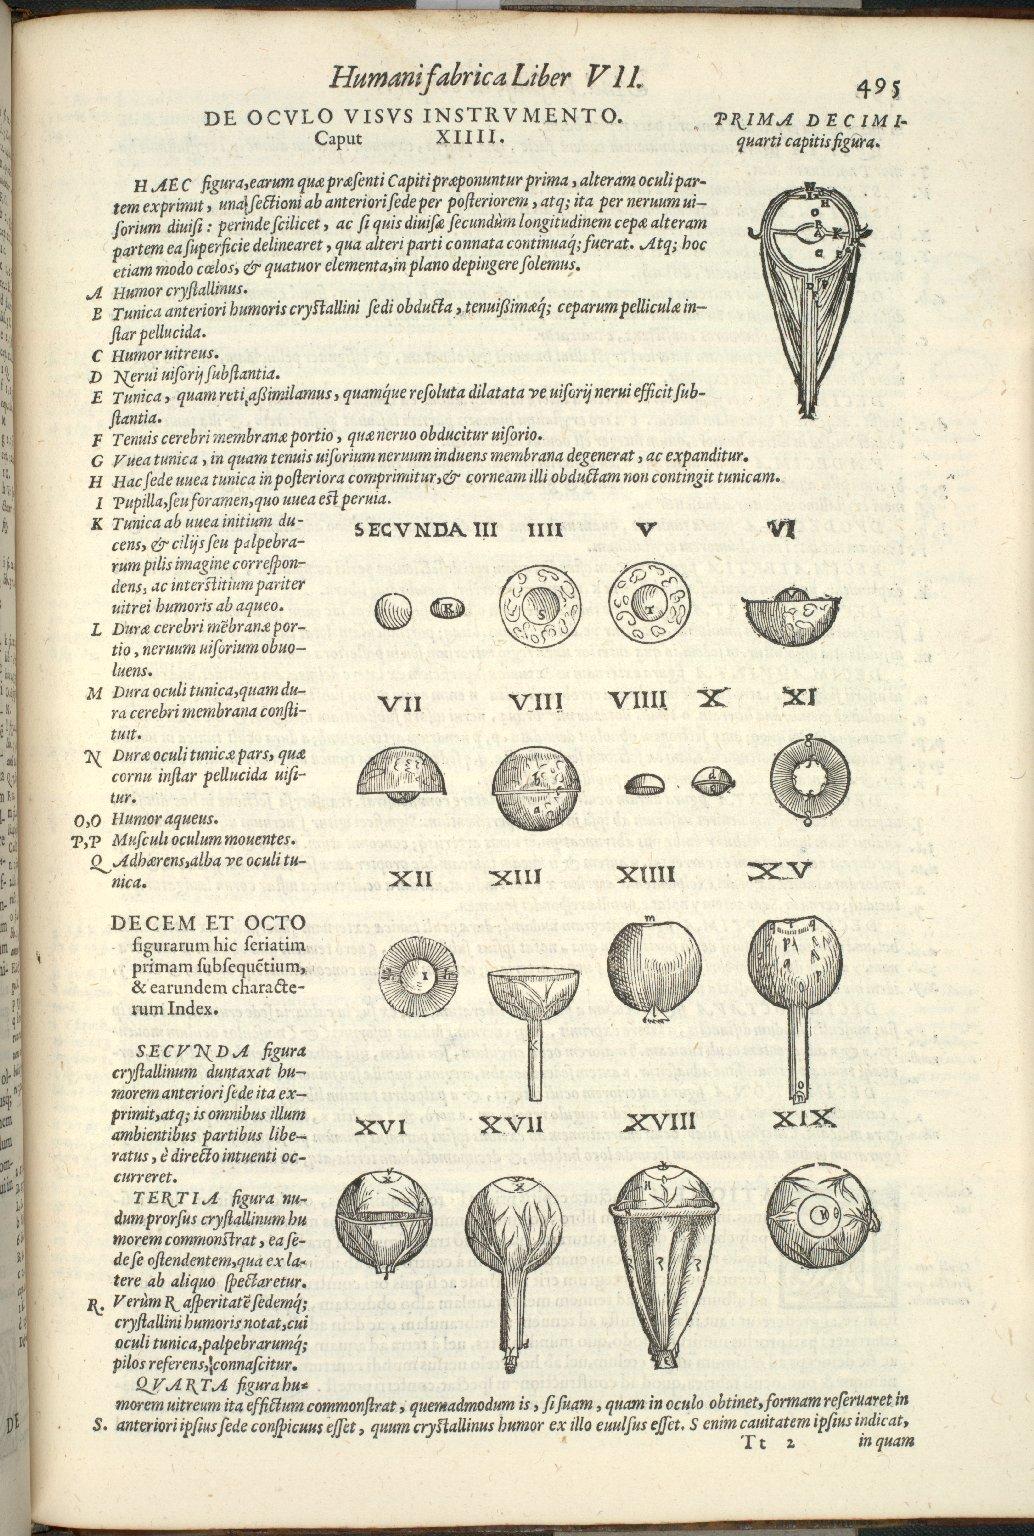 De Oculo Visus Instrumento, Caput XIIII. Fig.I-XIX